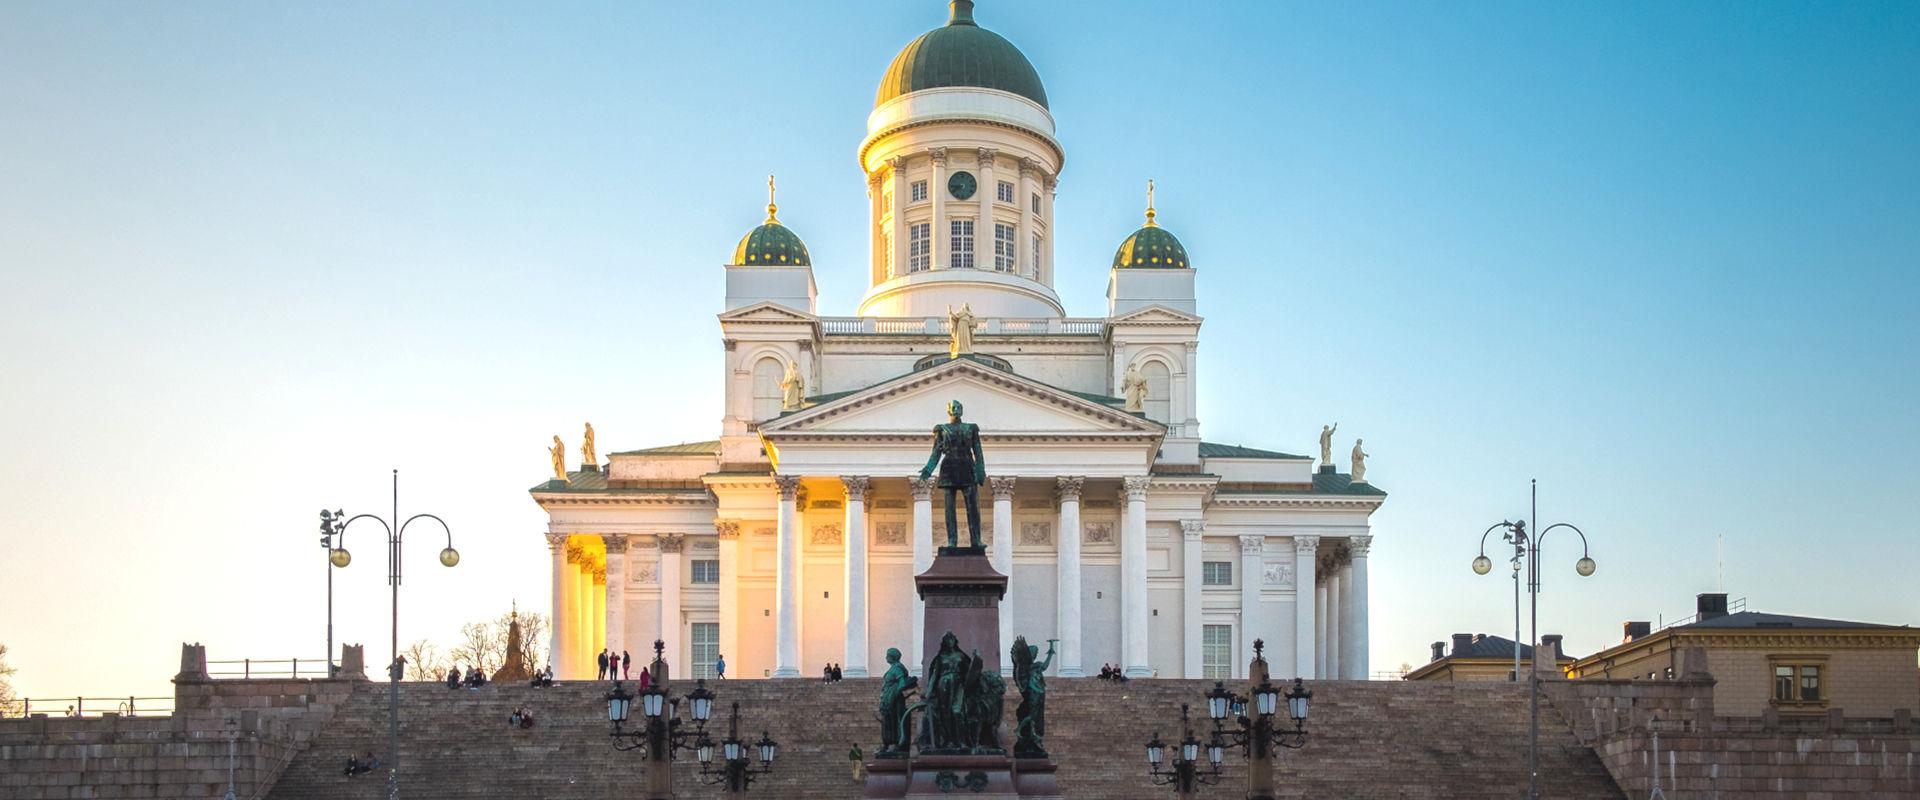 finland الدراسة في الخارج مجانا